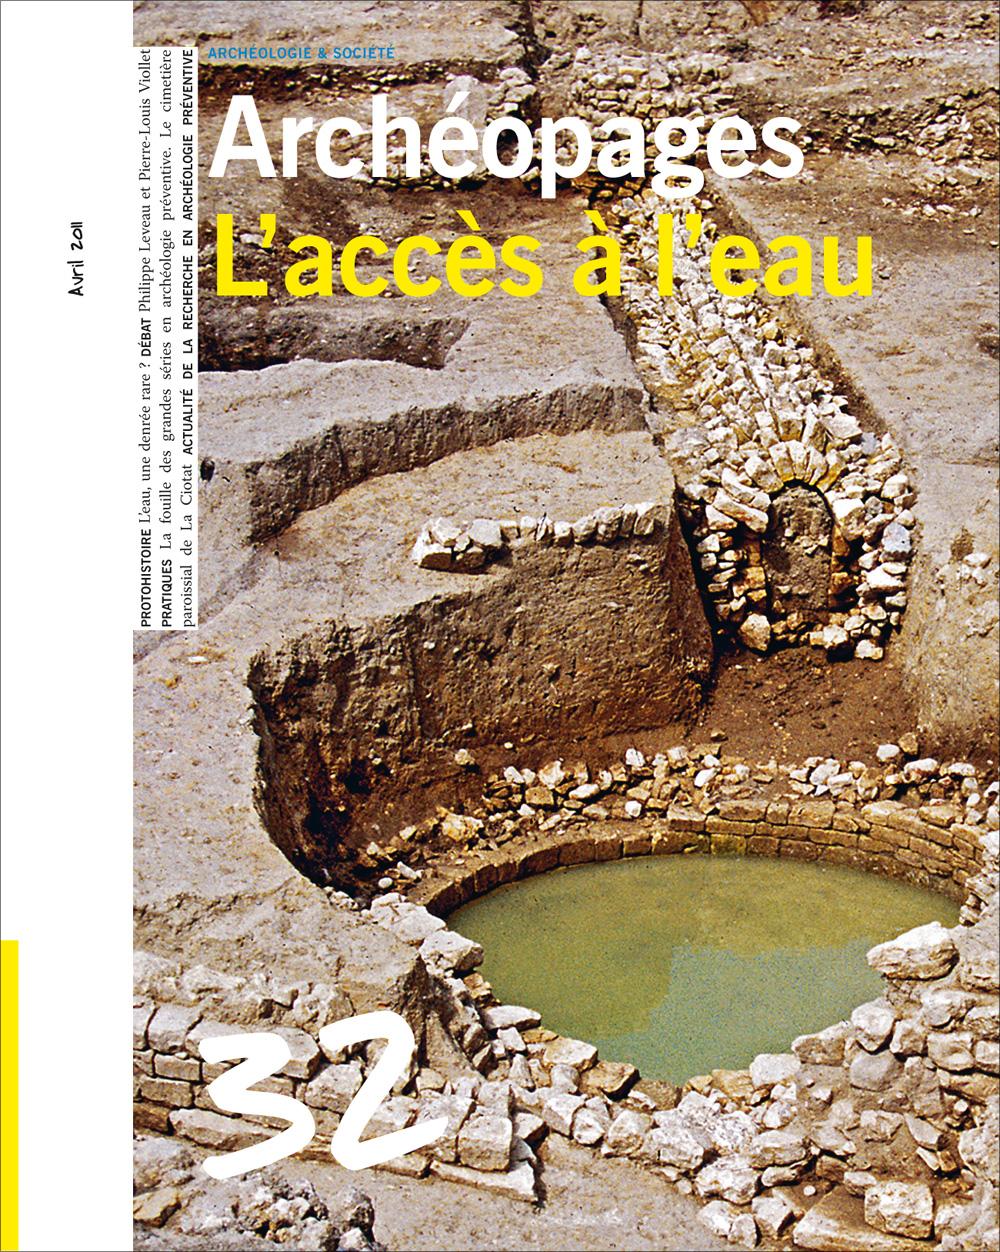 Archéopages 32 : L'accès à l'eau